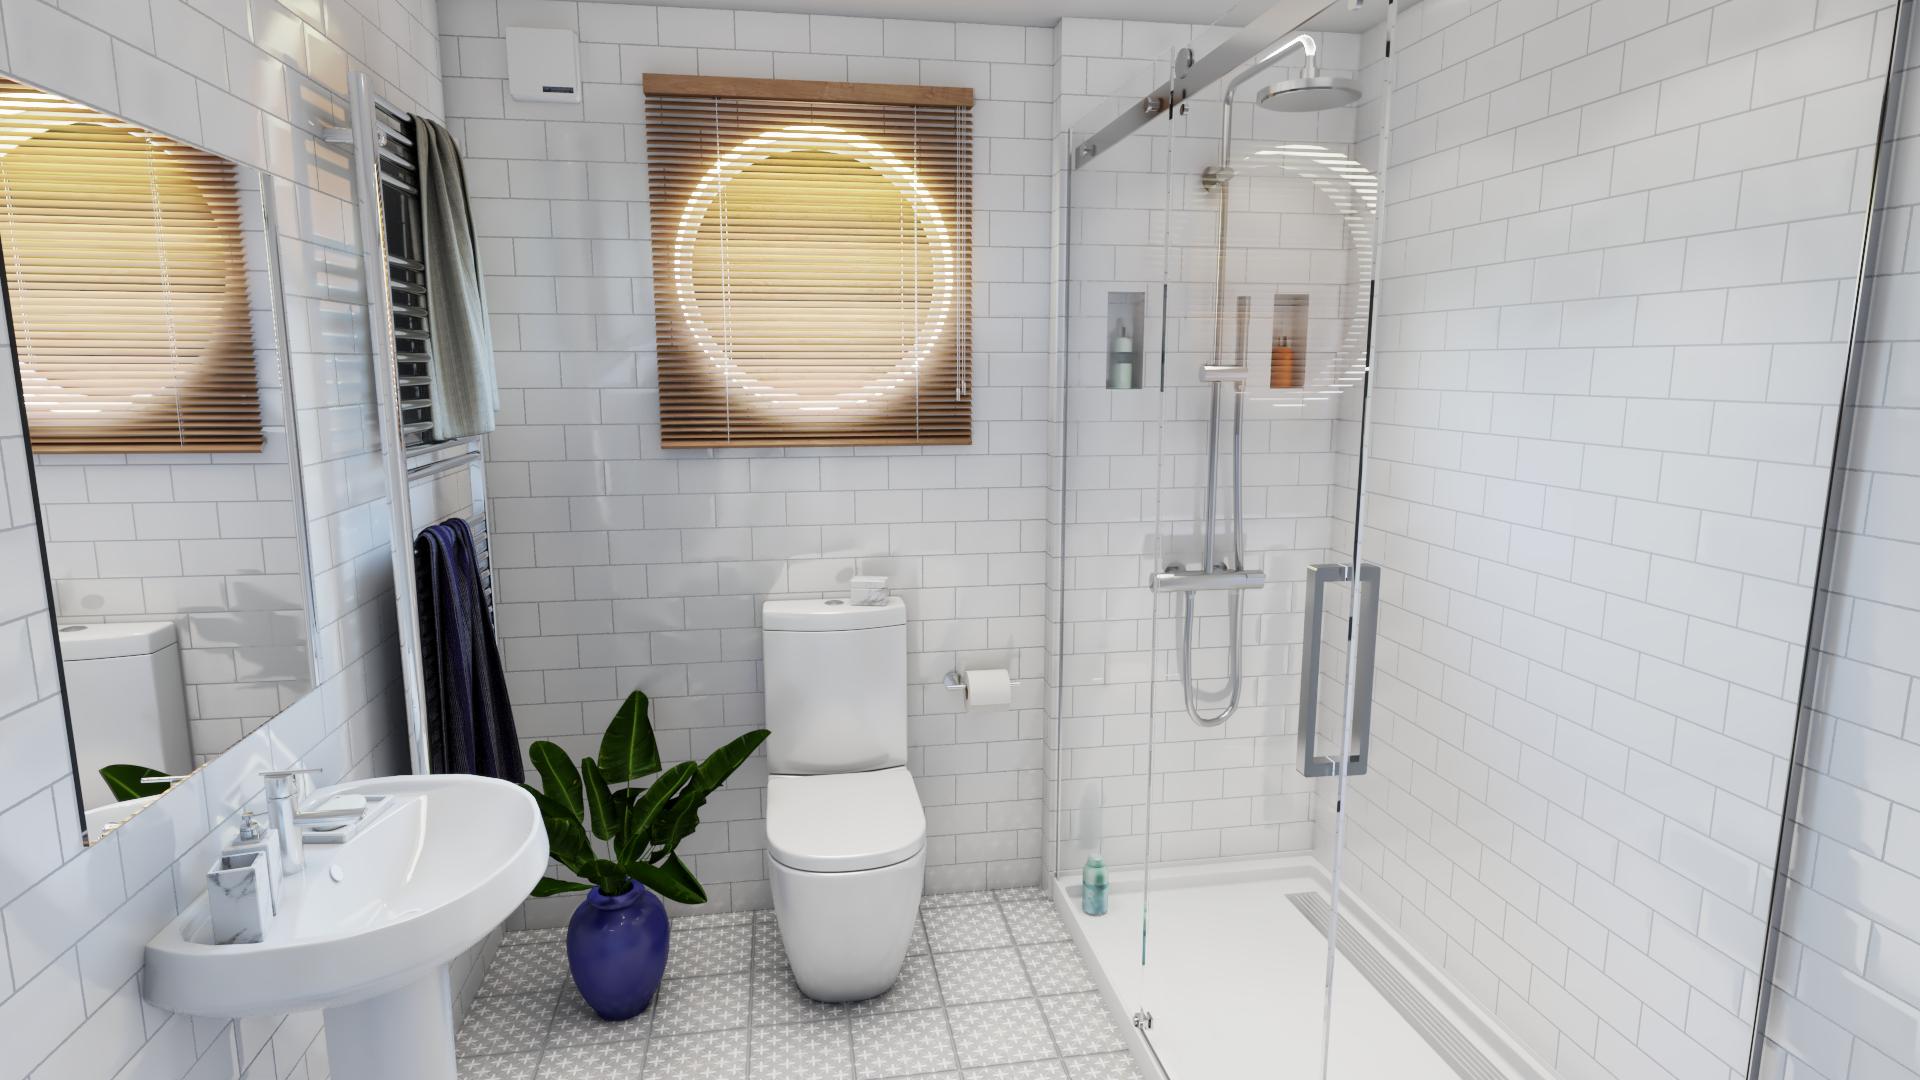 - Bathroom Render - POST PROCESSING V3